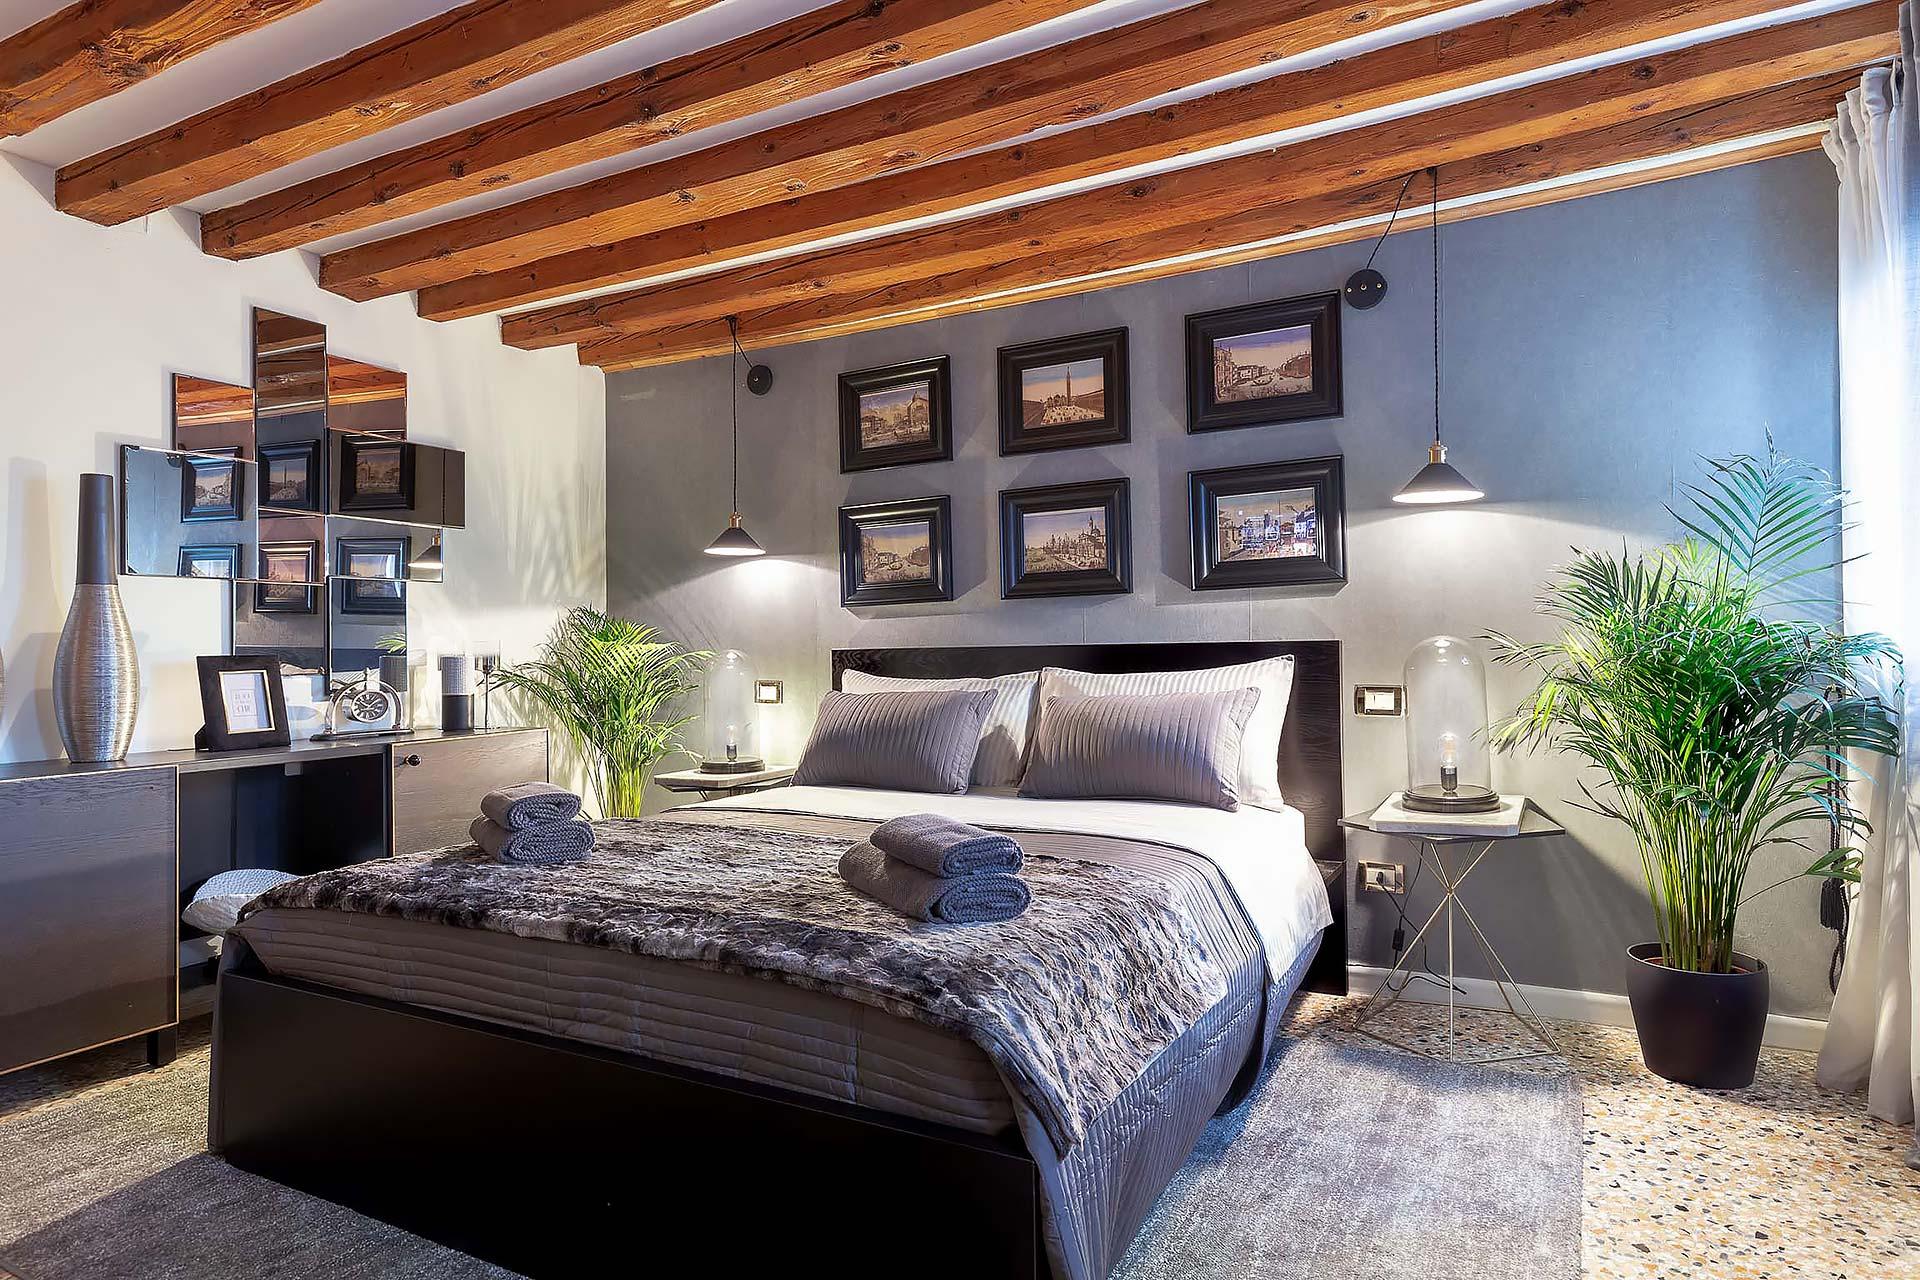 fotografo-airbnb-booking-case-Treviso-Venezia-camera-letto